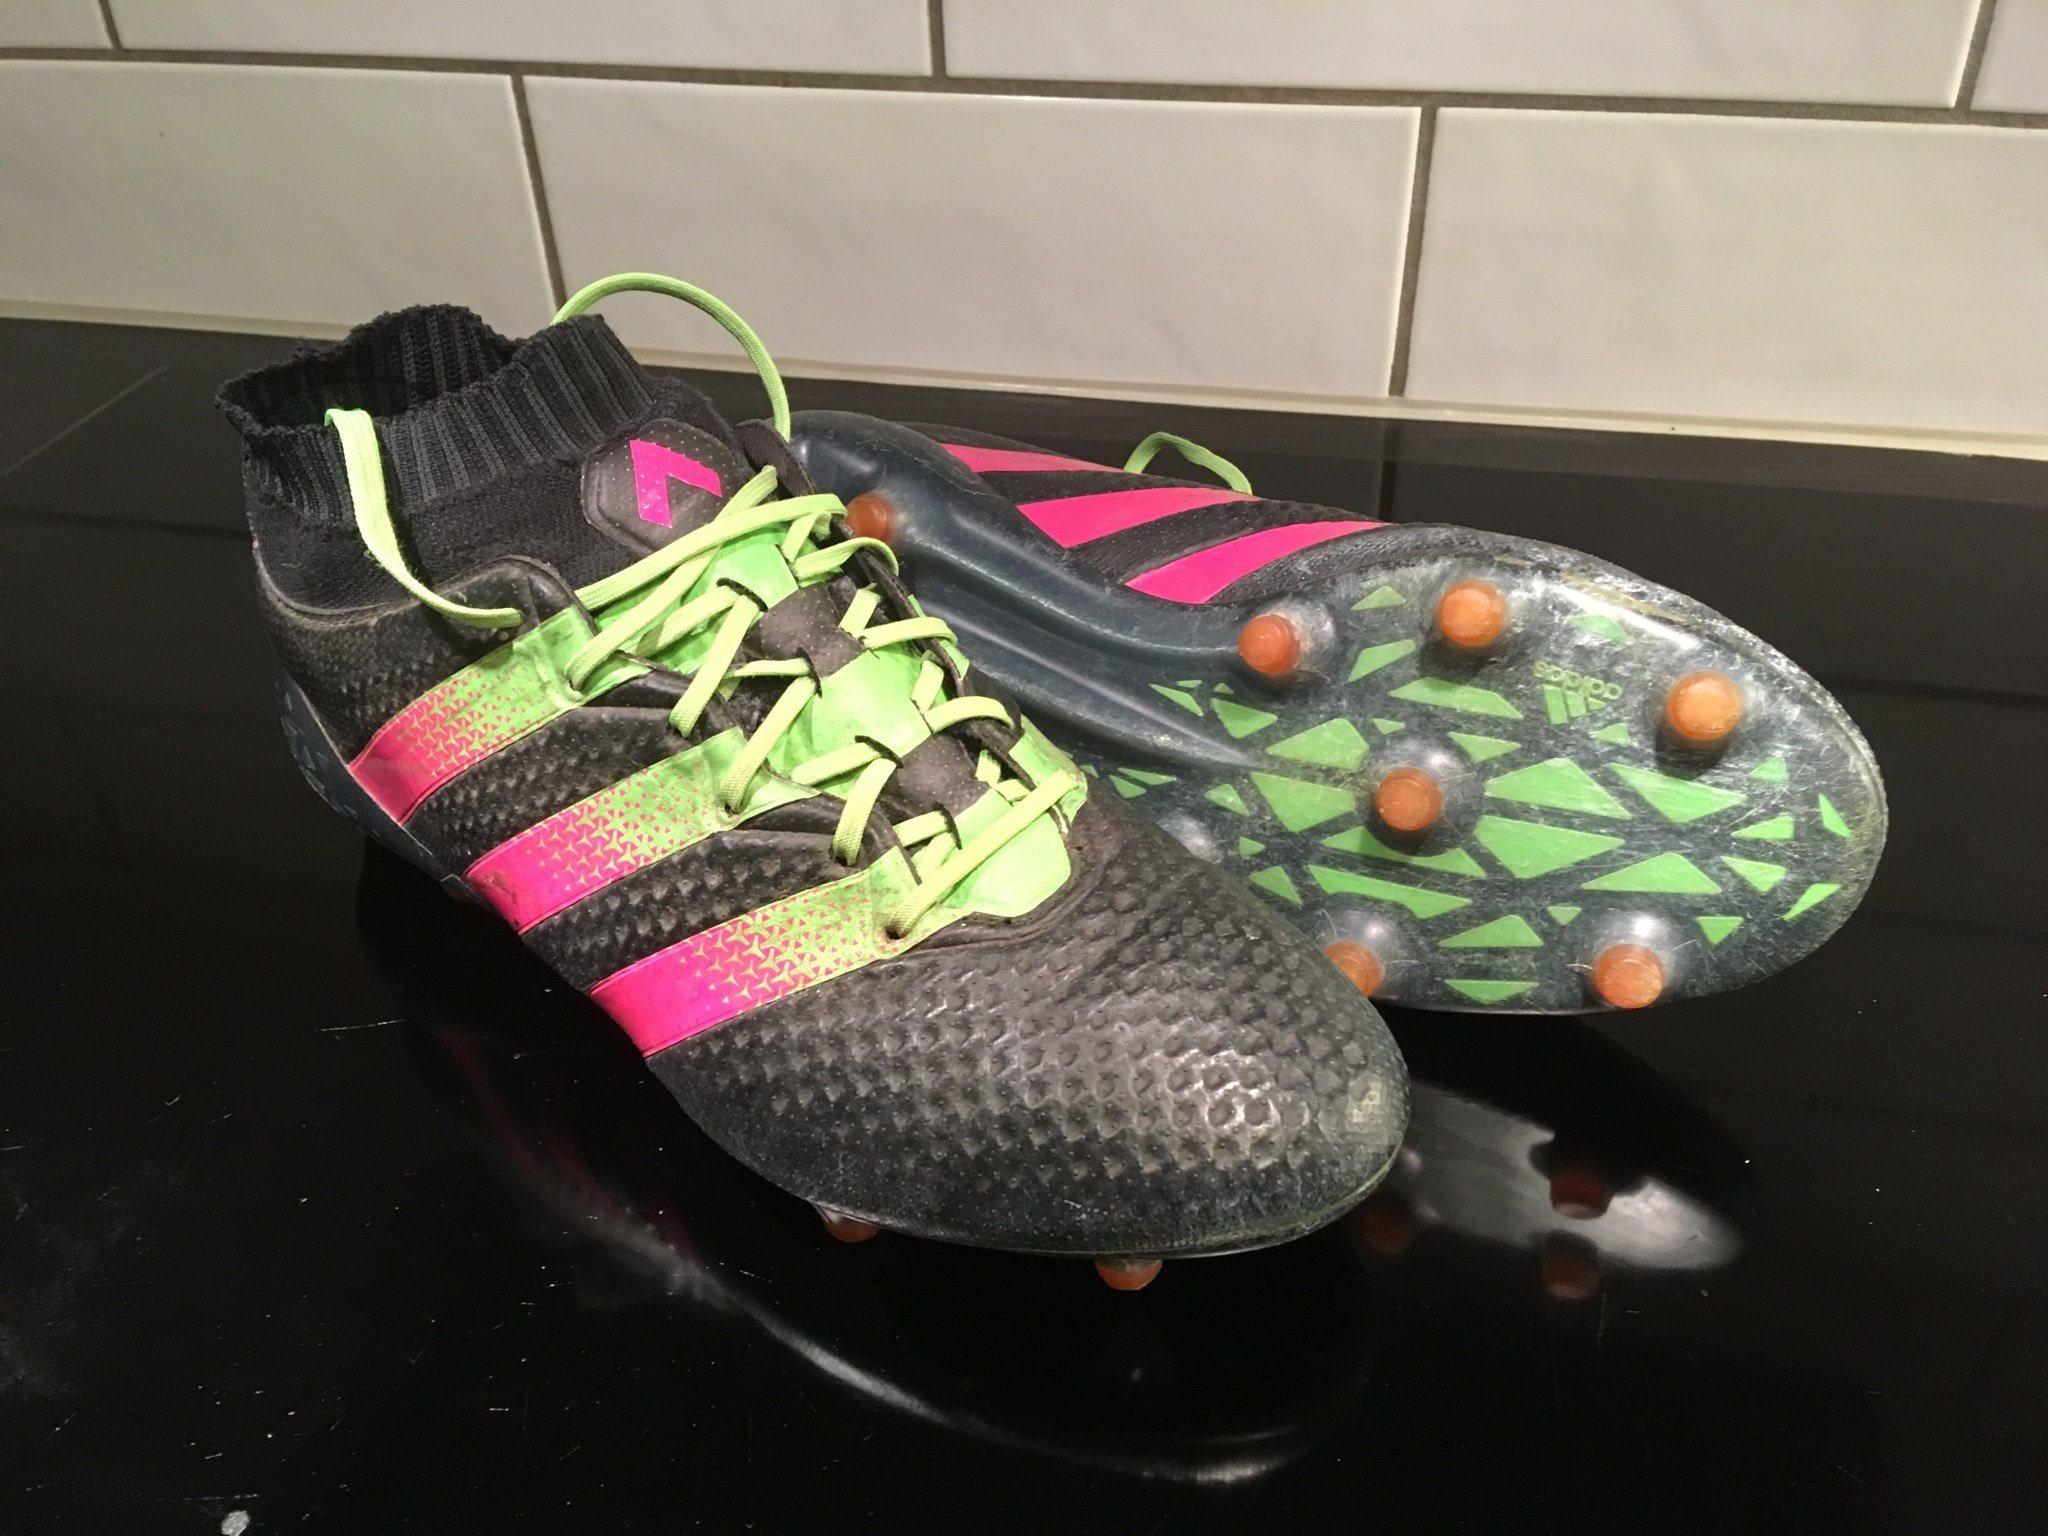 Adidas Ace 16.1 fotbollsskor (341698414) ᐈ Köp på Tradera 511359904c1a2